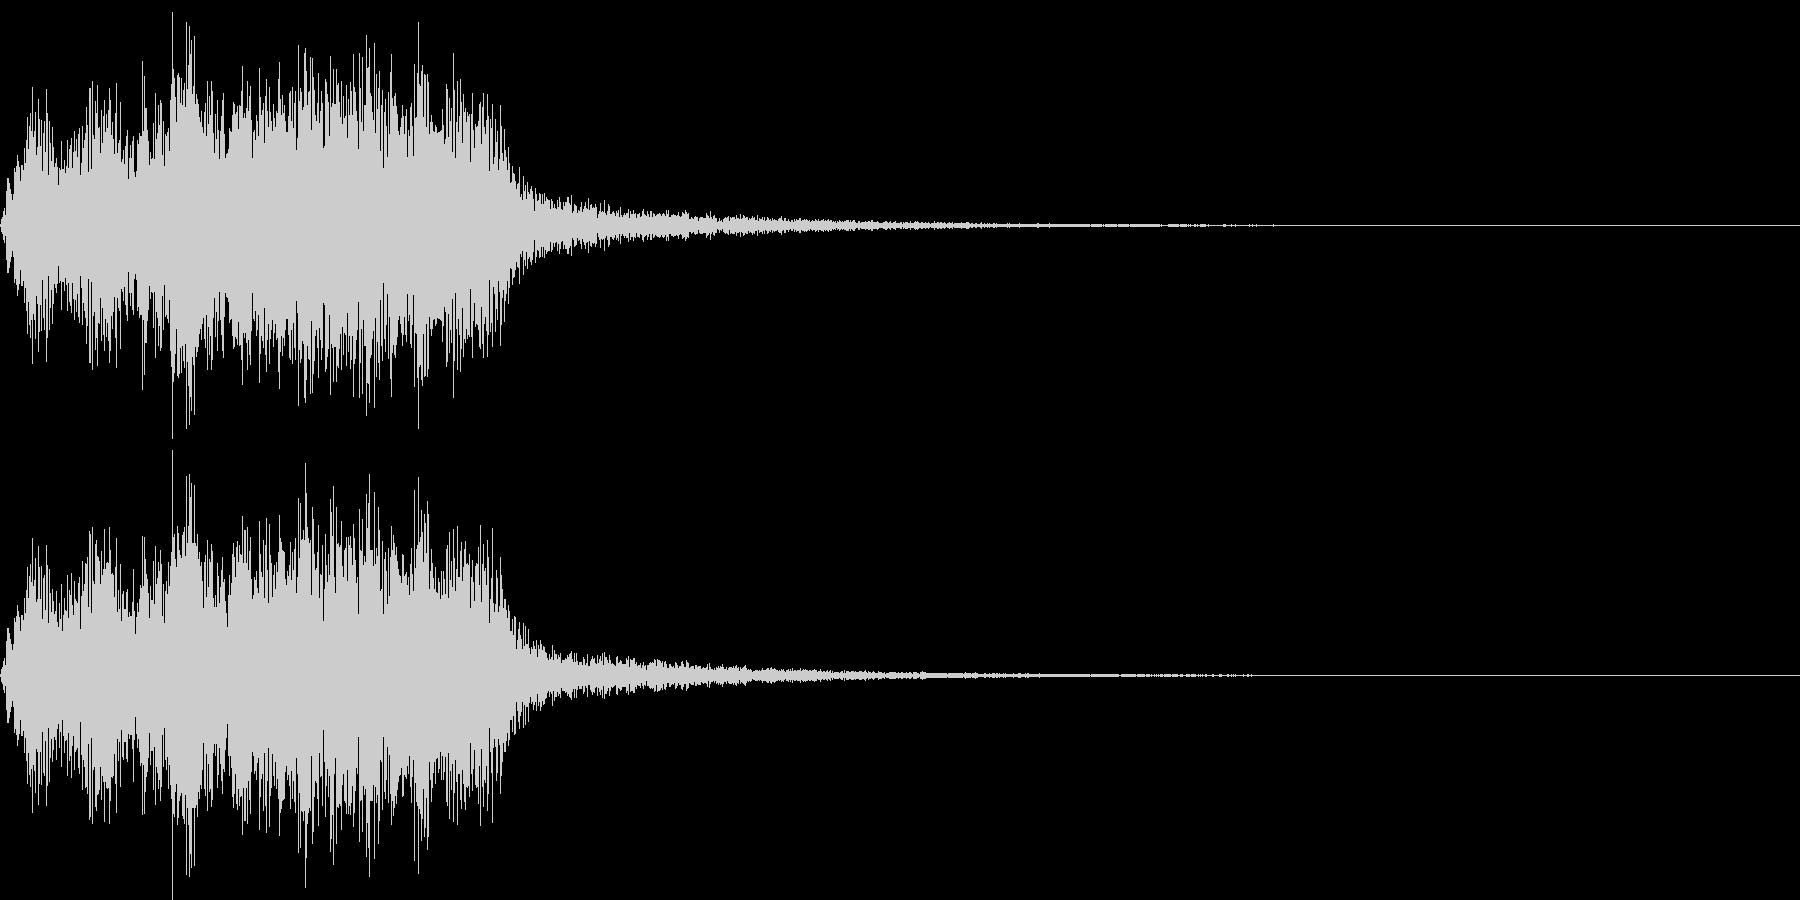 恐怖音10(バイオリン)の未再生の波形